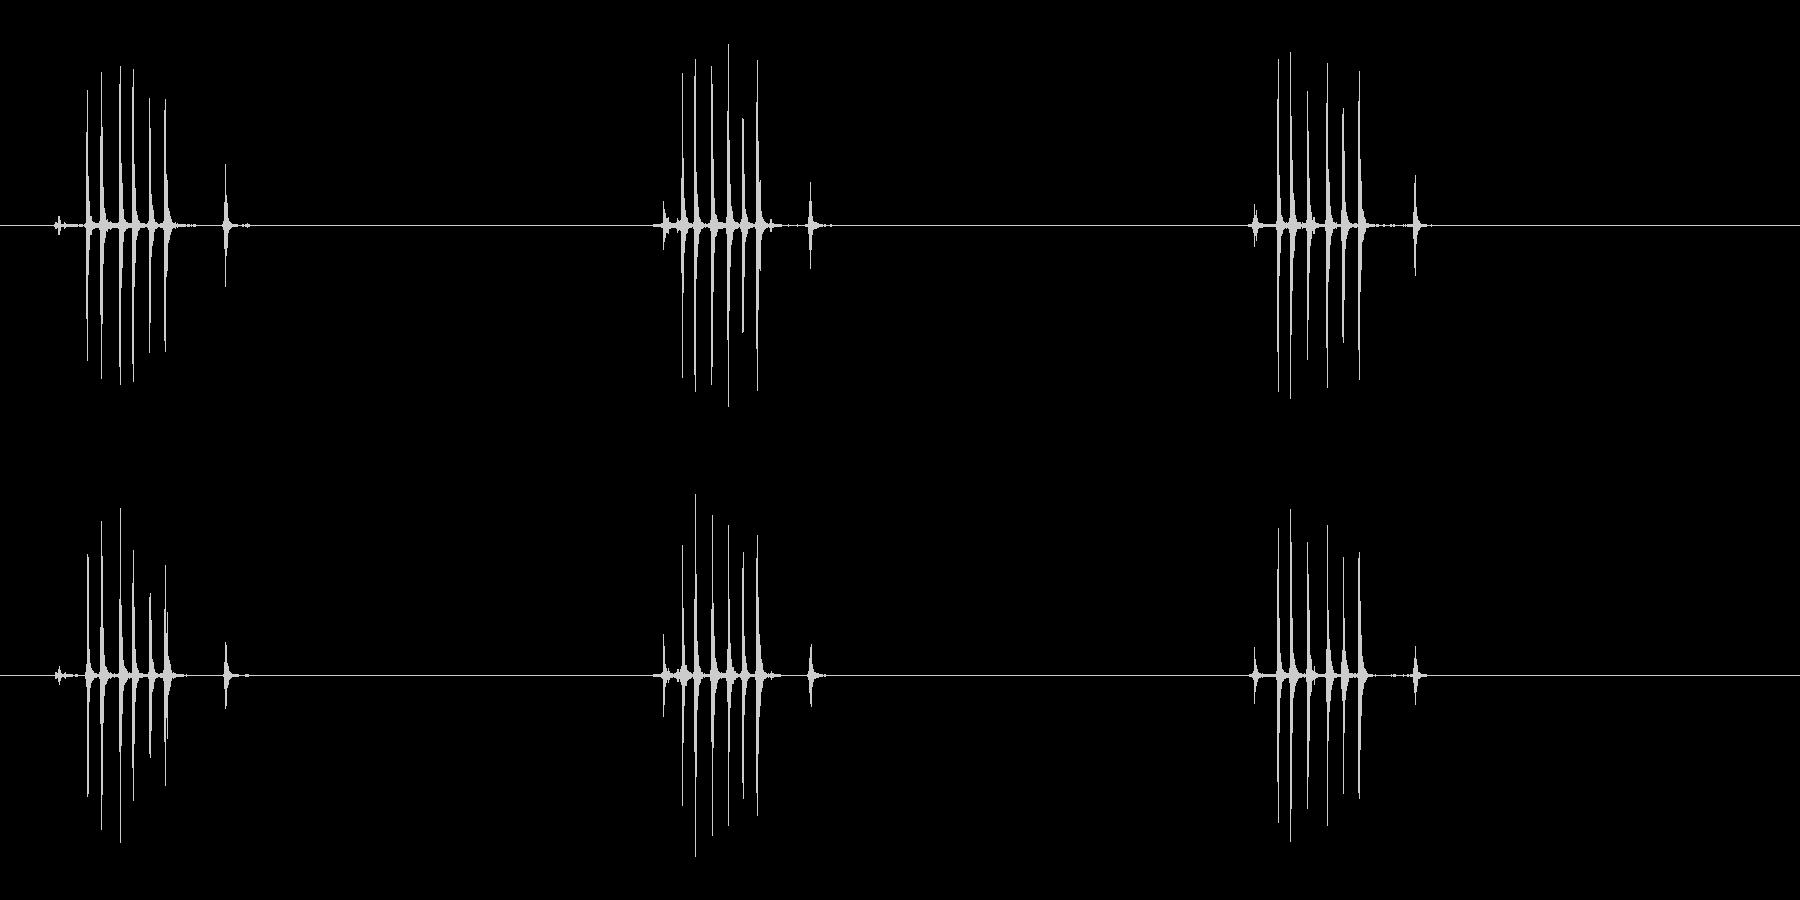 【生録音】ぜんまいを巻く(3回ゆっくり)の未再生の波形